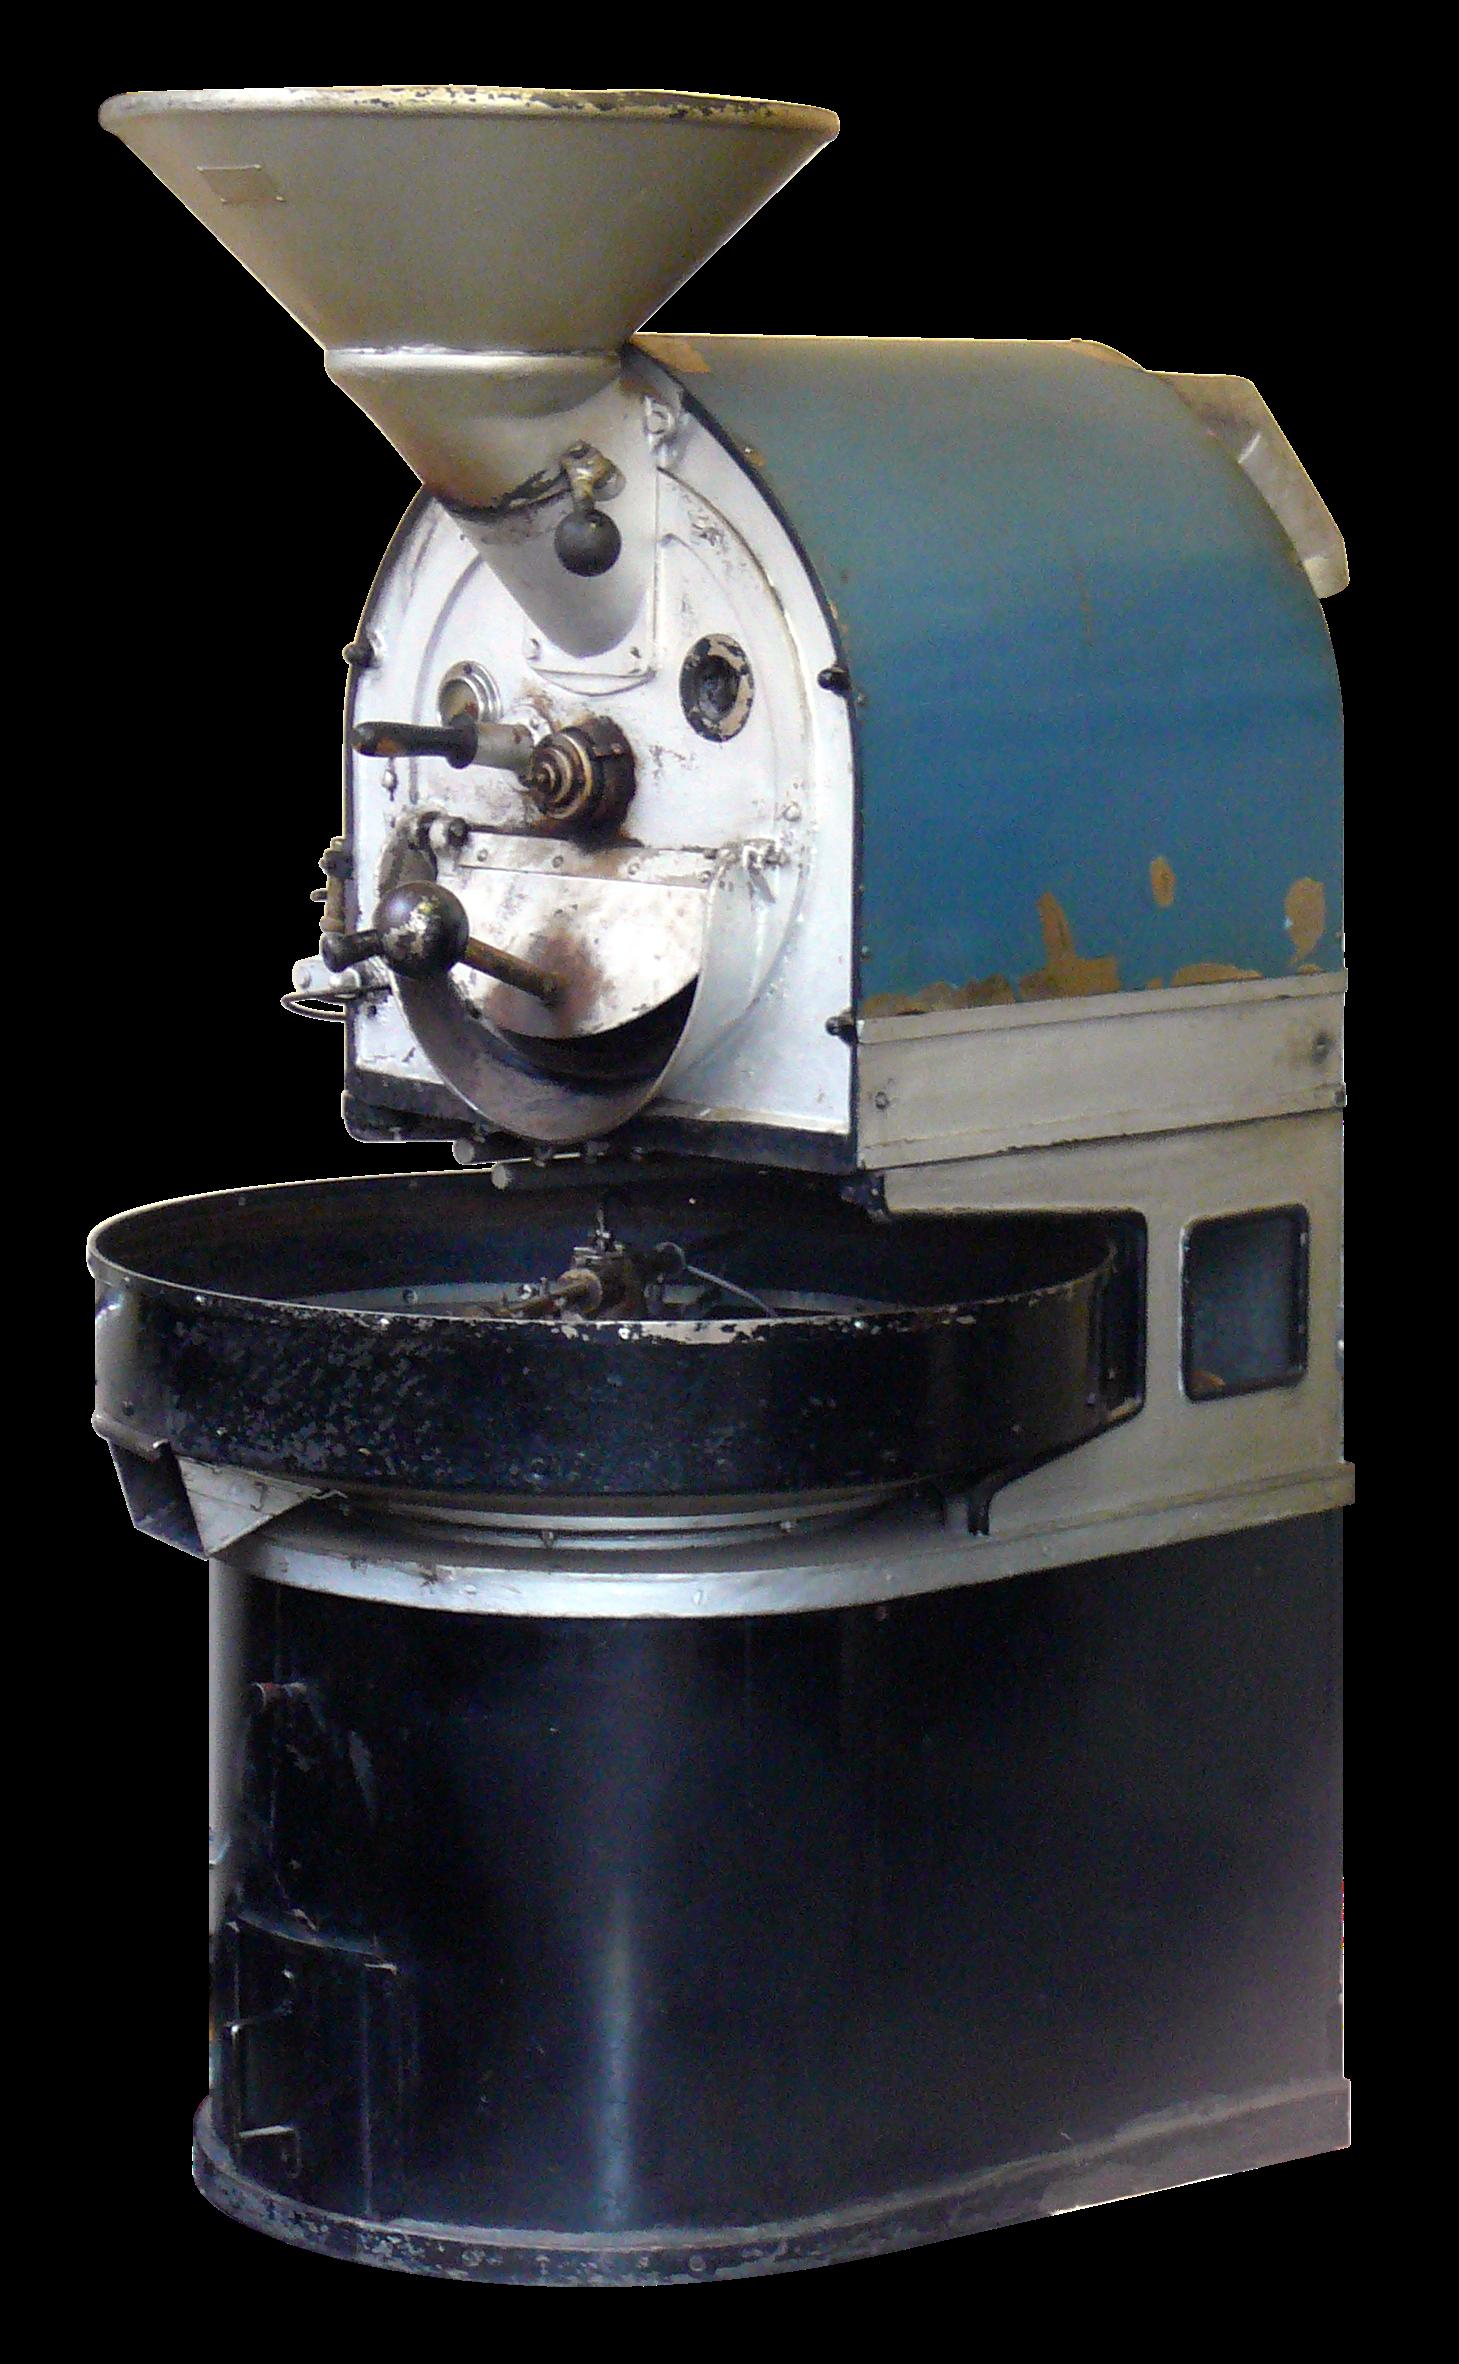 destockage noz industrie alimentaire france paris machine machine a torrefier le cafe. Black Bedroom Furniture Sets. Home Design Ideas